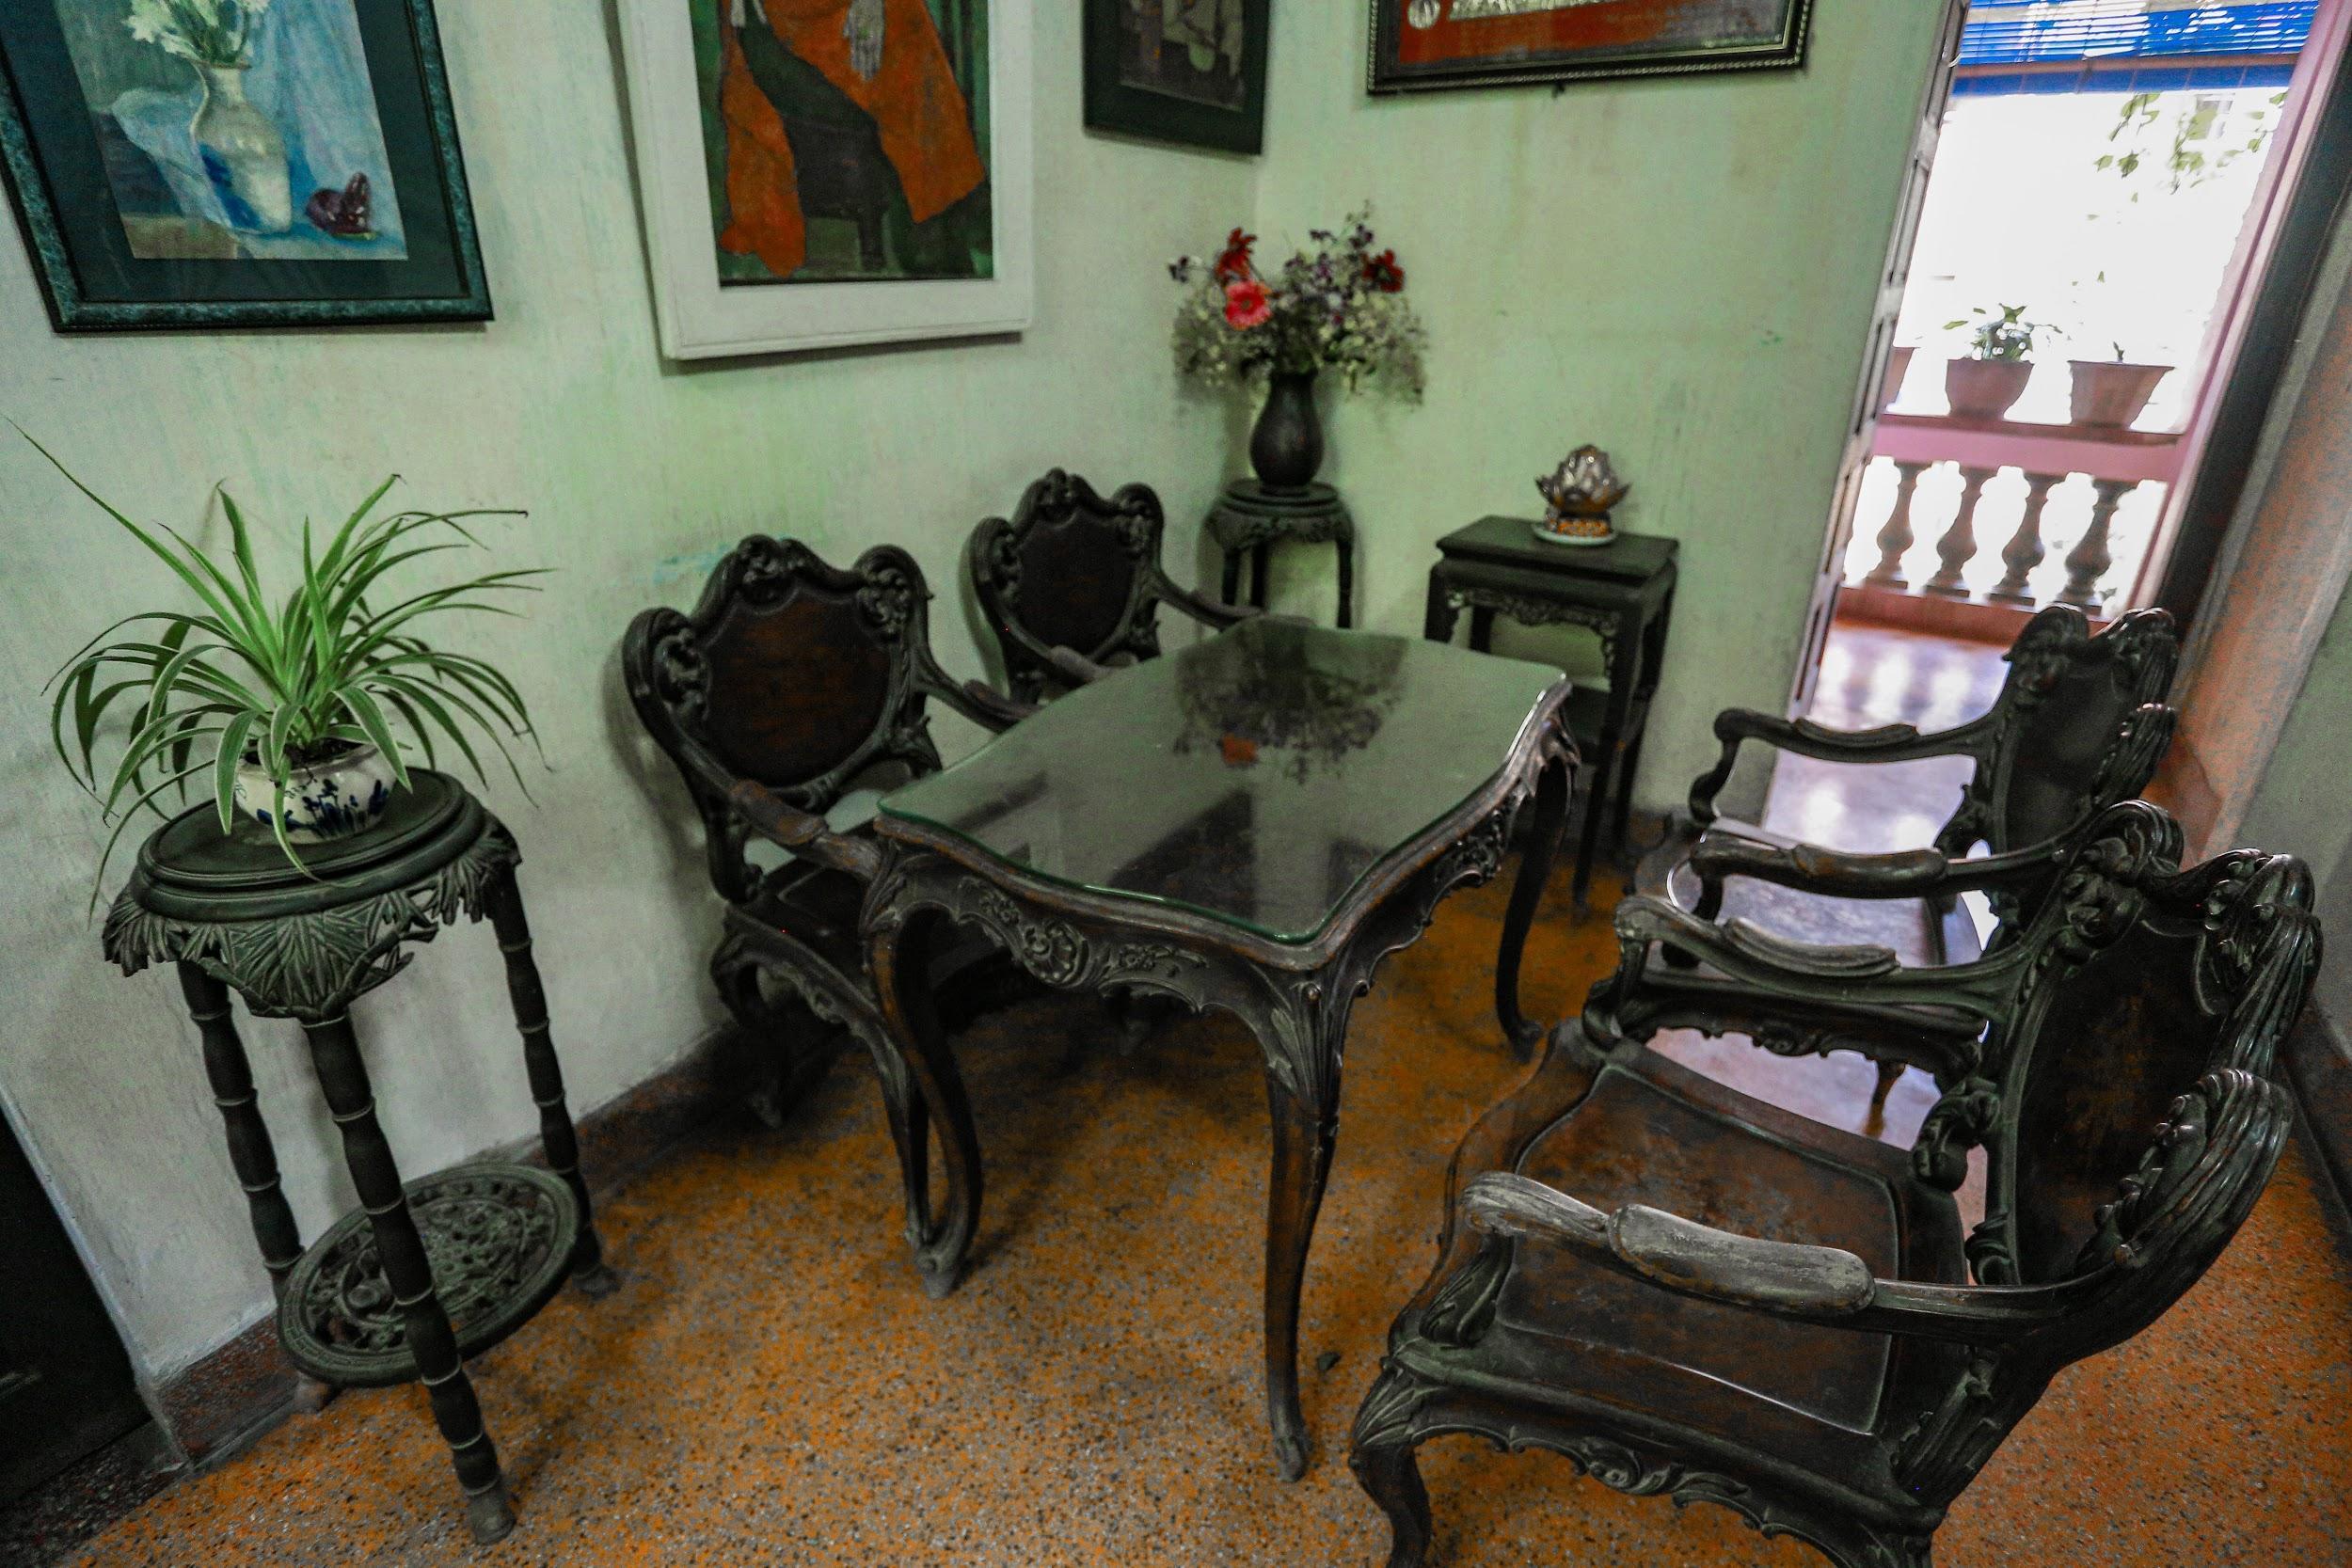 Biệt thự vườn rộng 700m2 của đại gia kim hoàn phố cổ Hà Nội một thời - 13